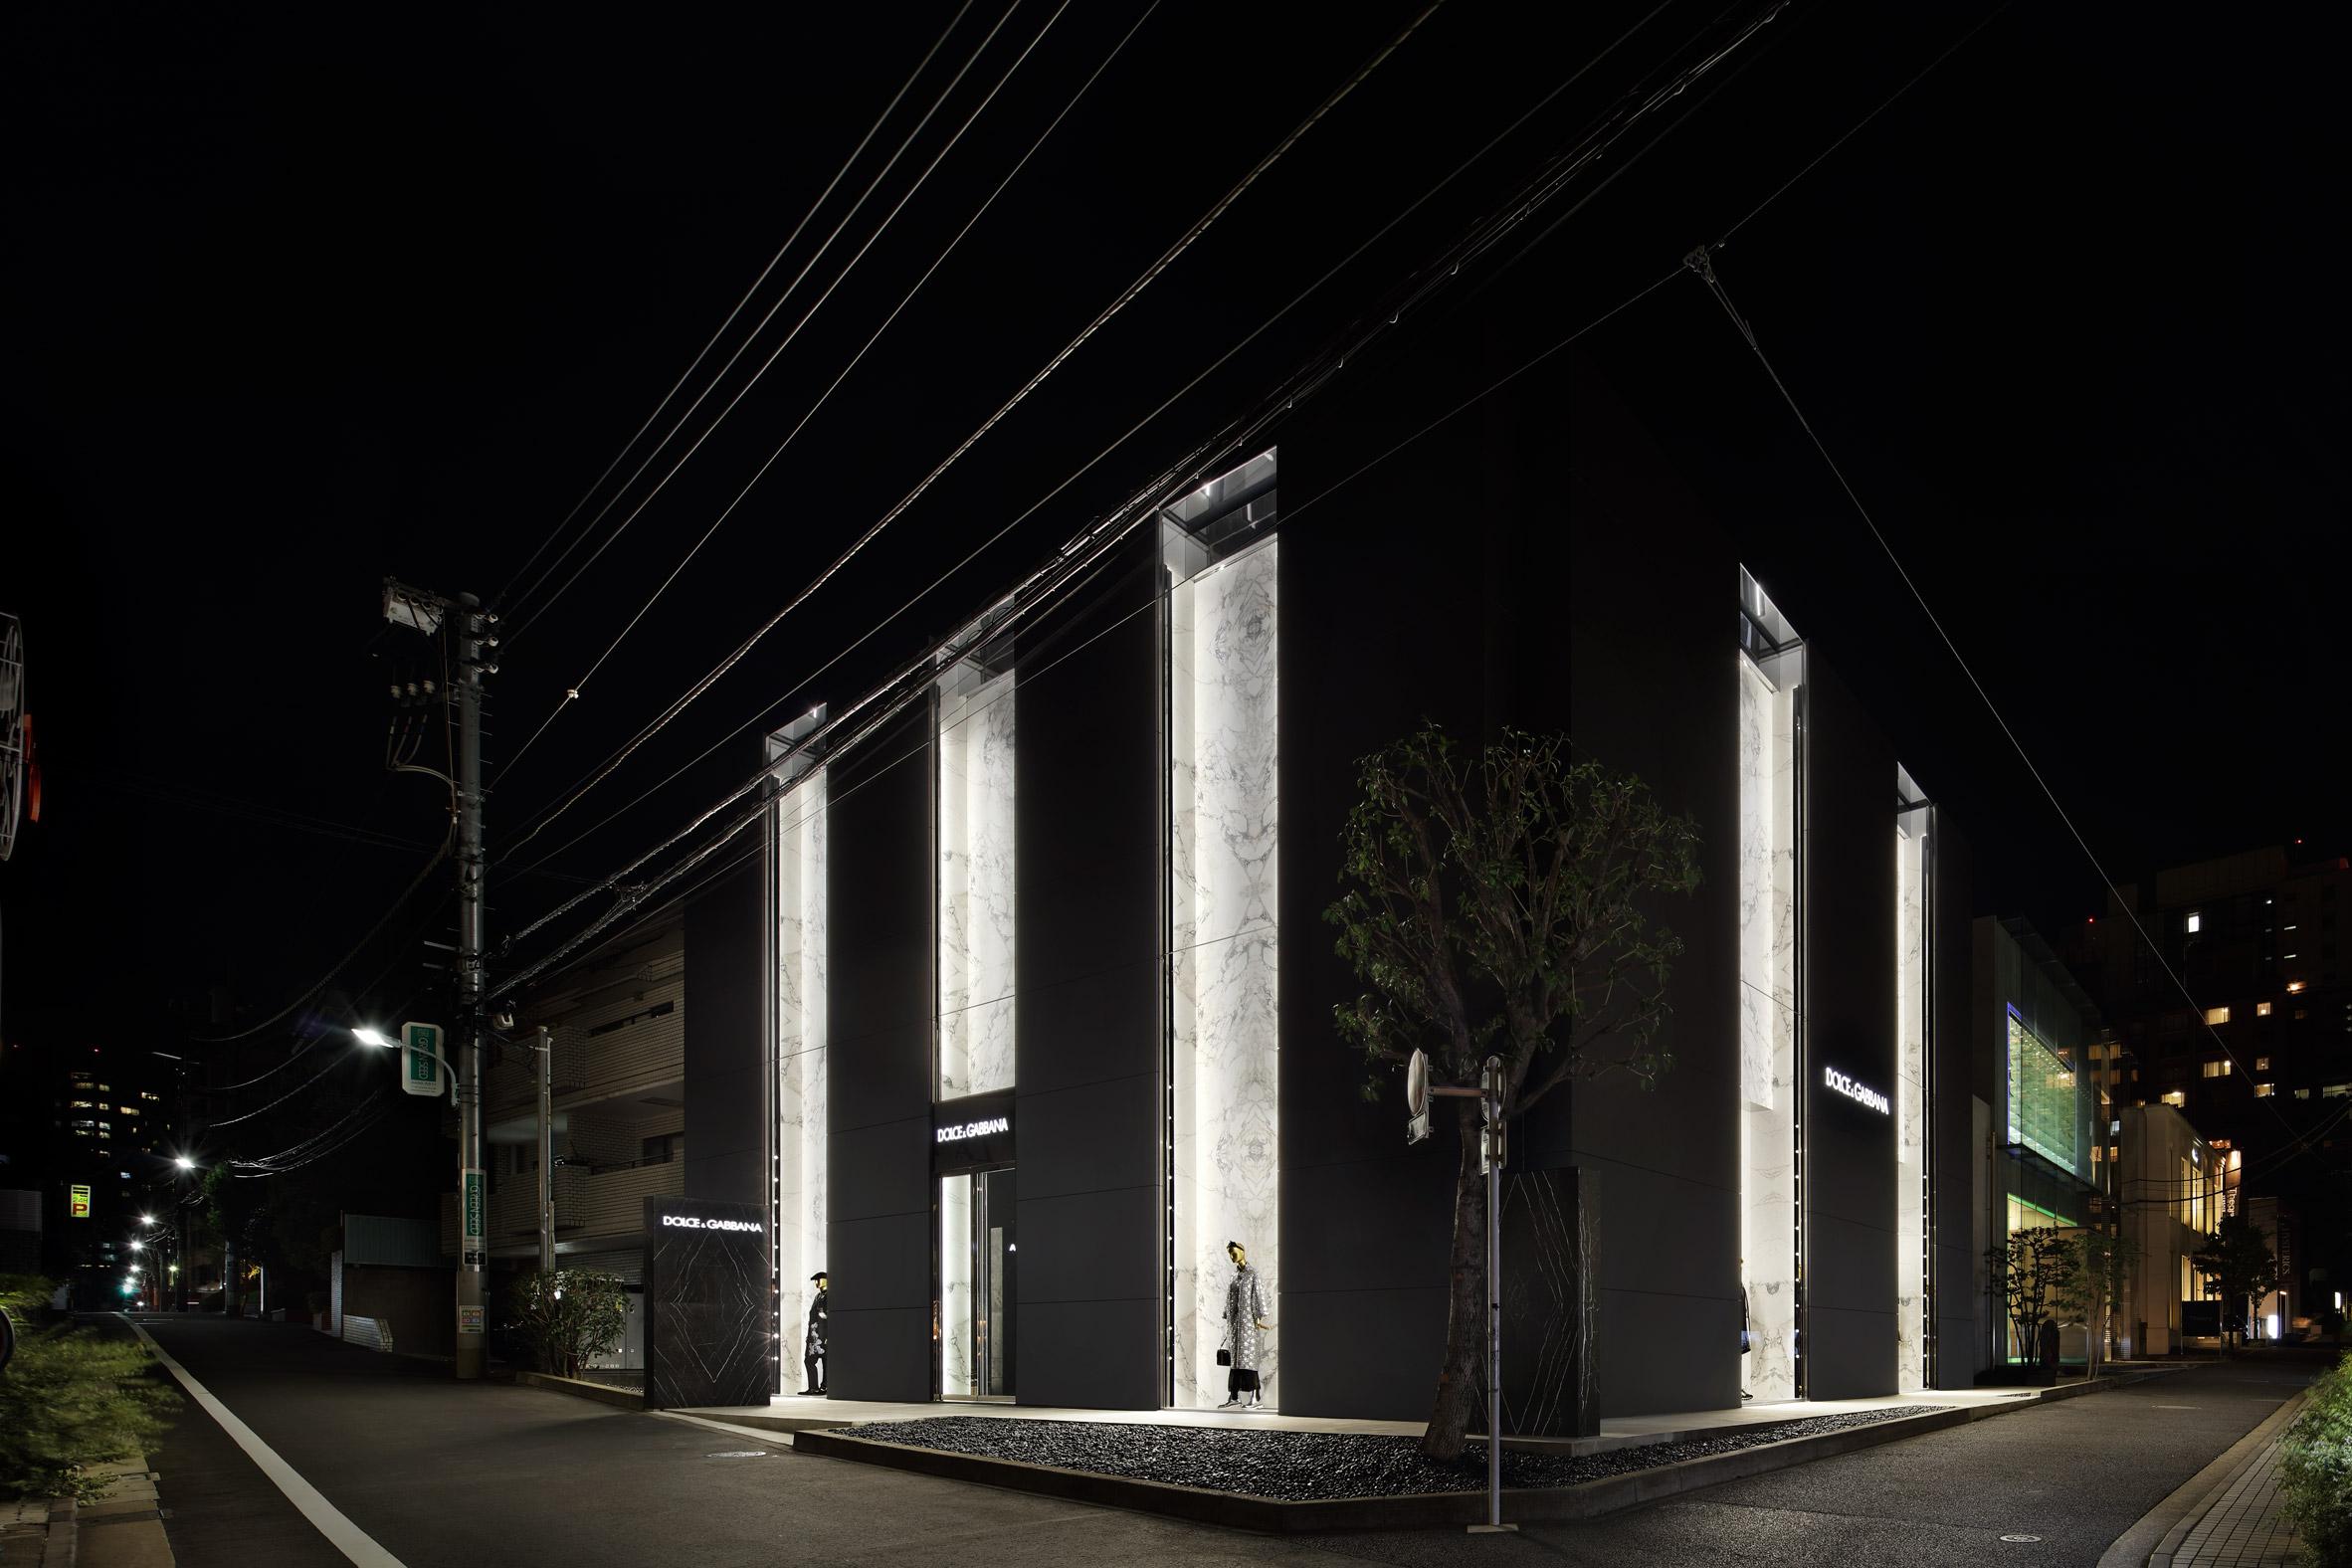 architecture_dolceandgabbana_tokyo_design_studia_interiors_osnovadesign_osnova_poltava_05